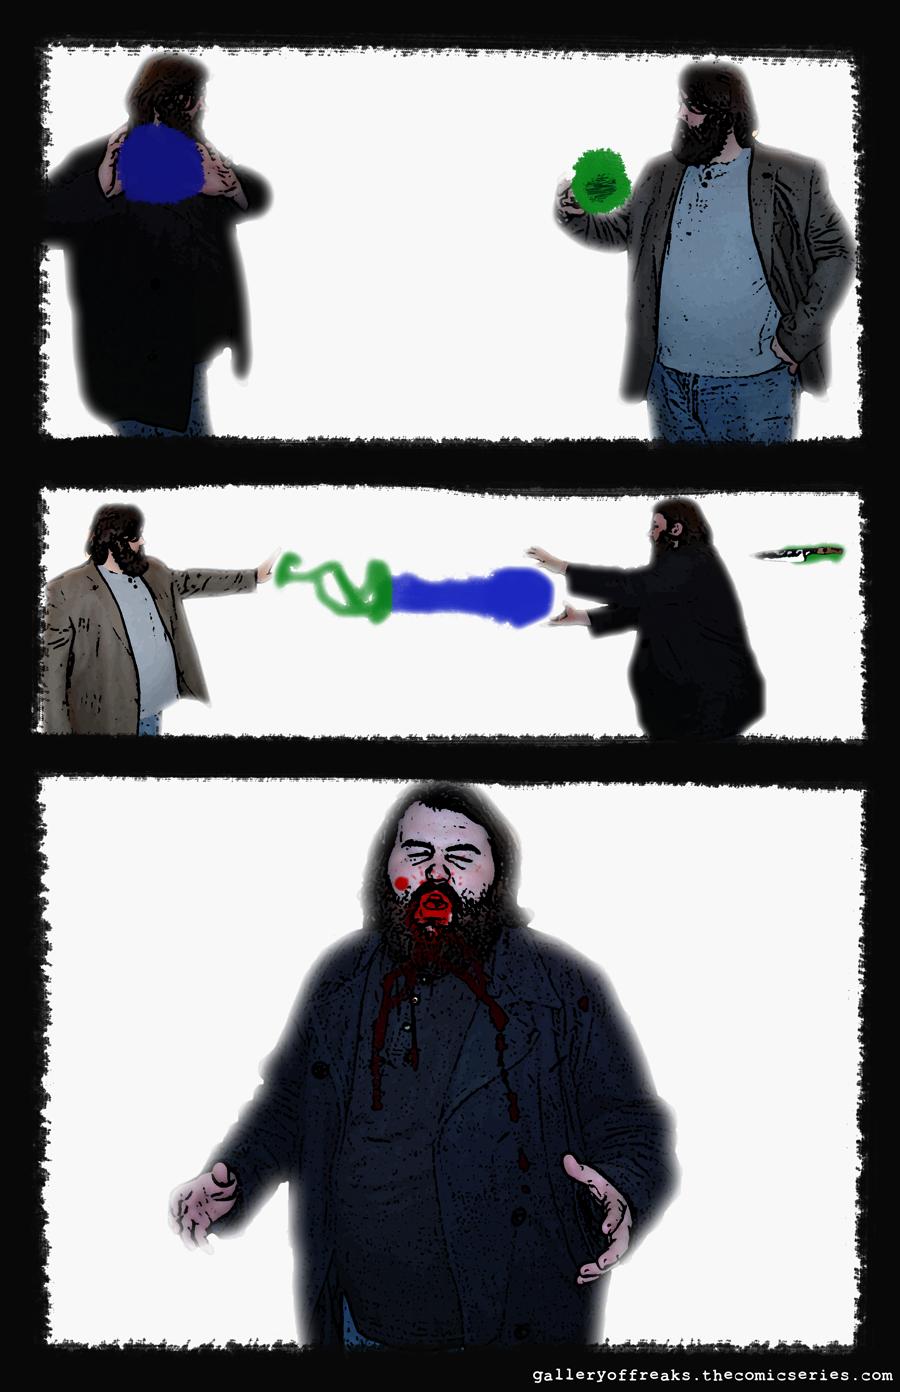 The Ritual - 17